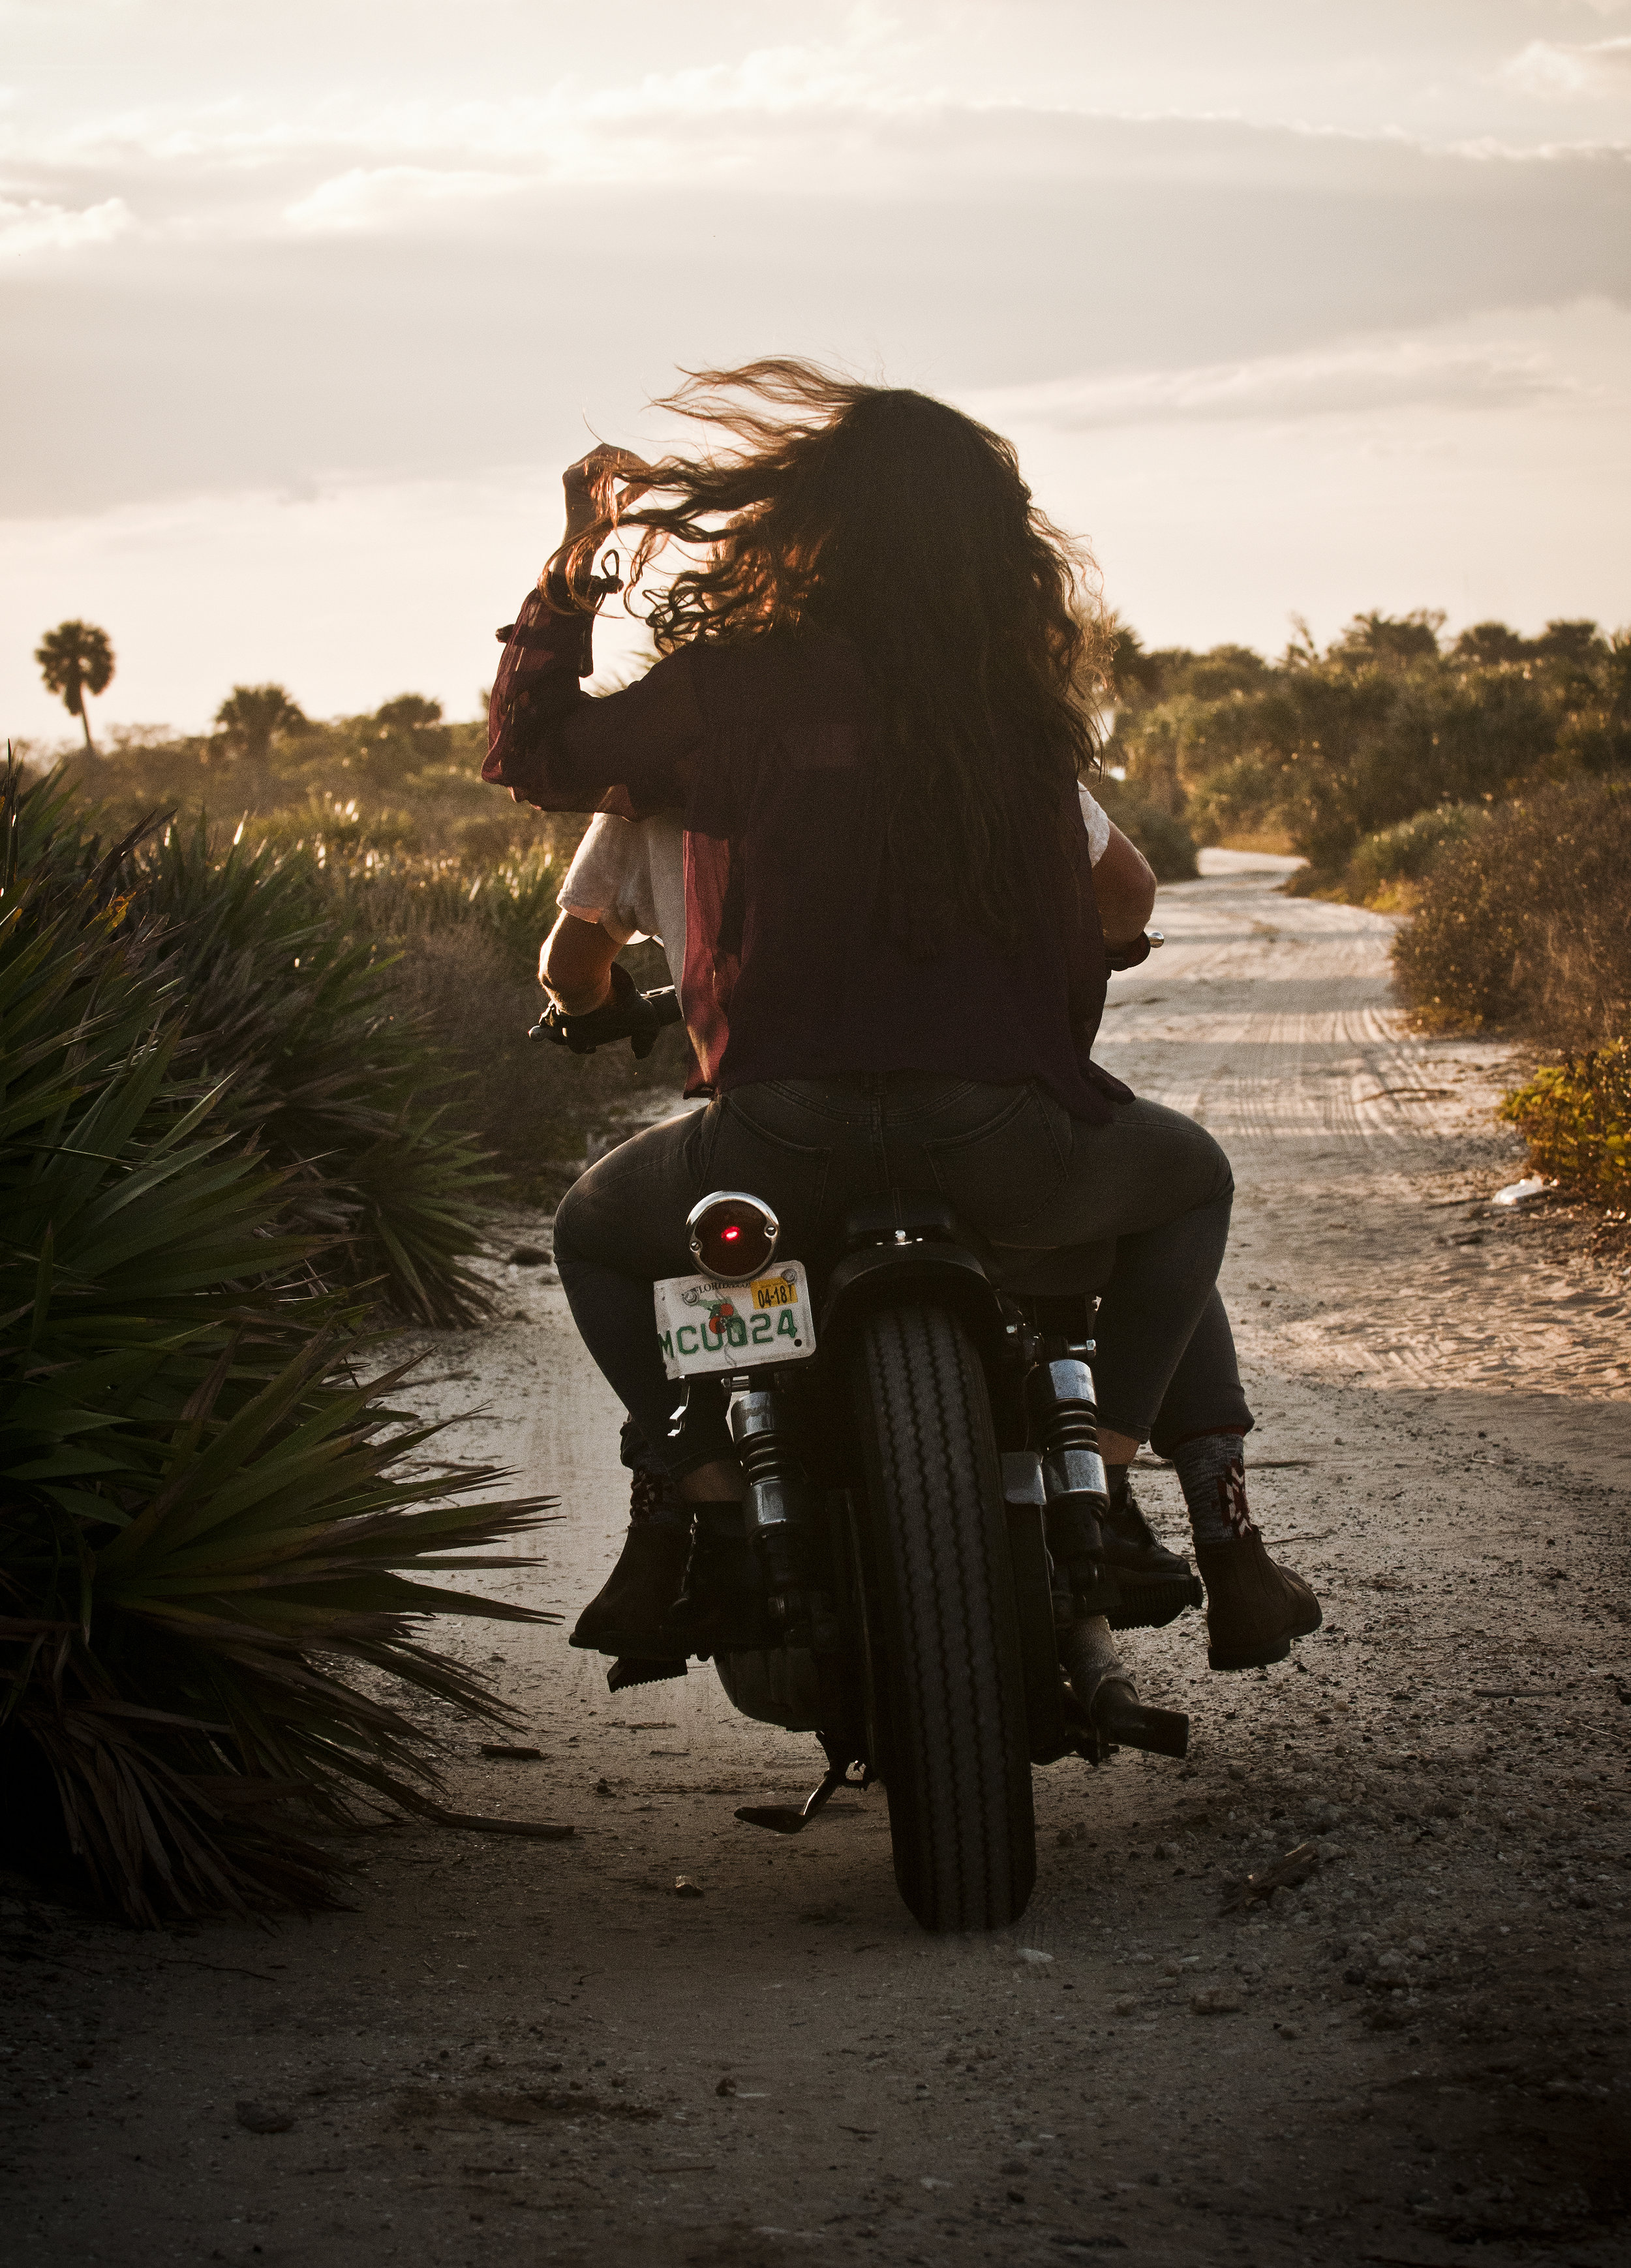 rachel_motorcycle_4579.jpg